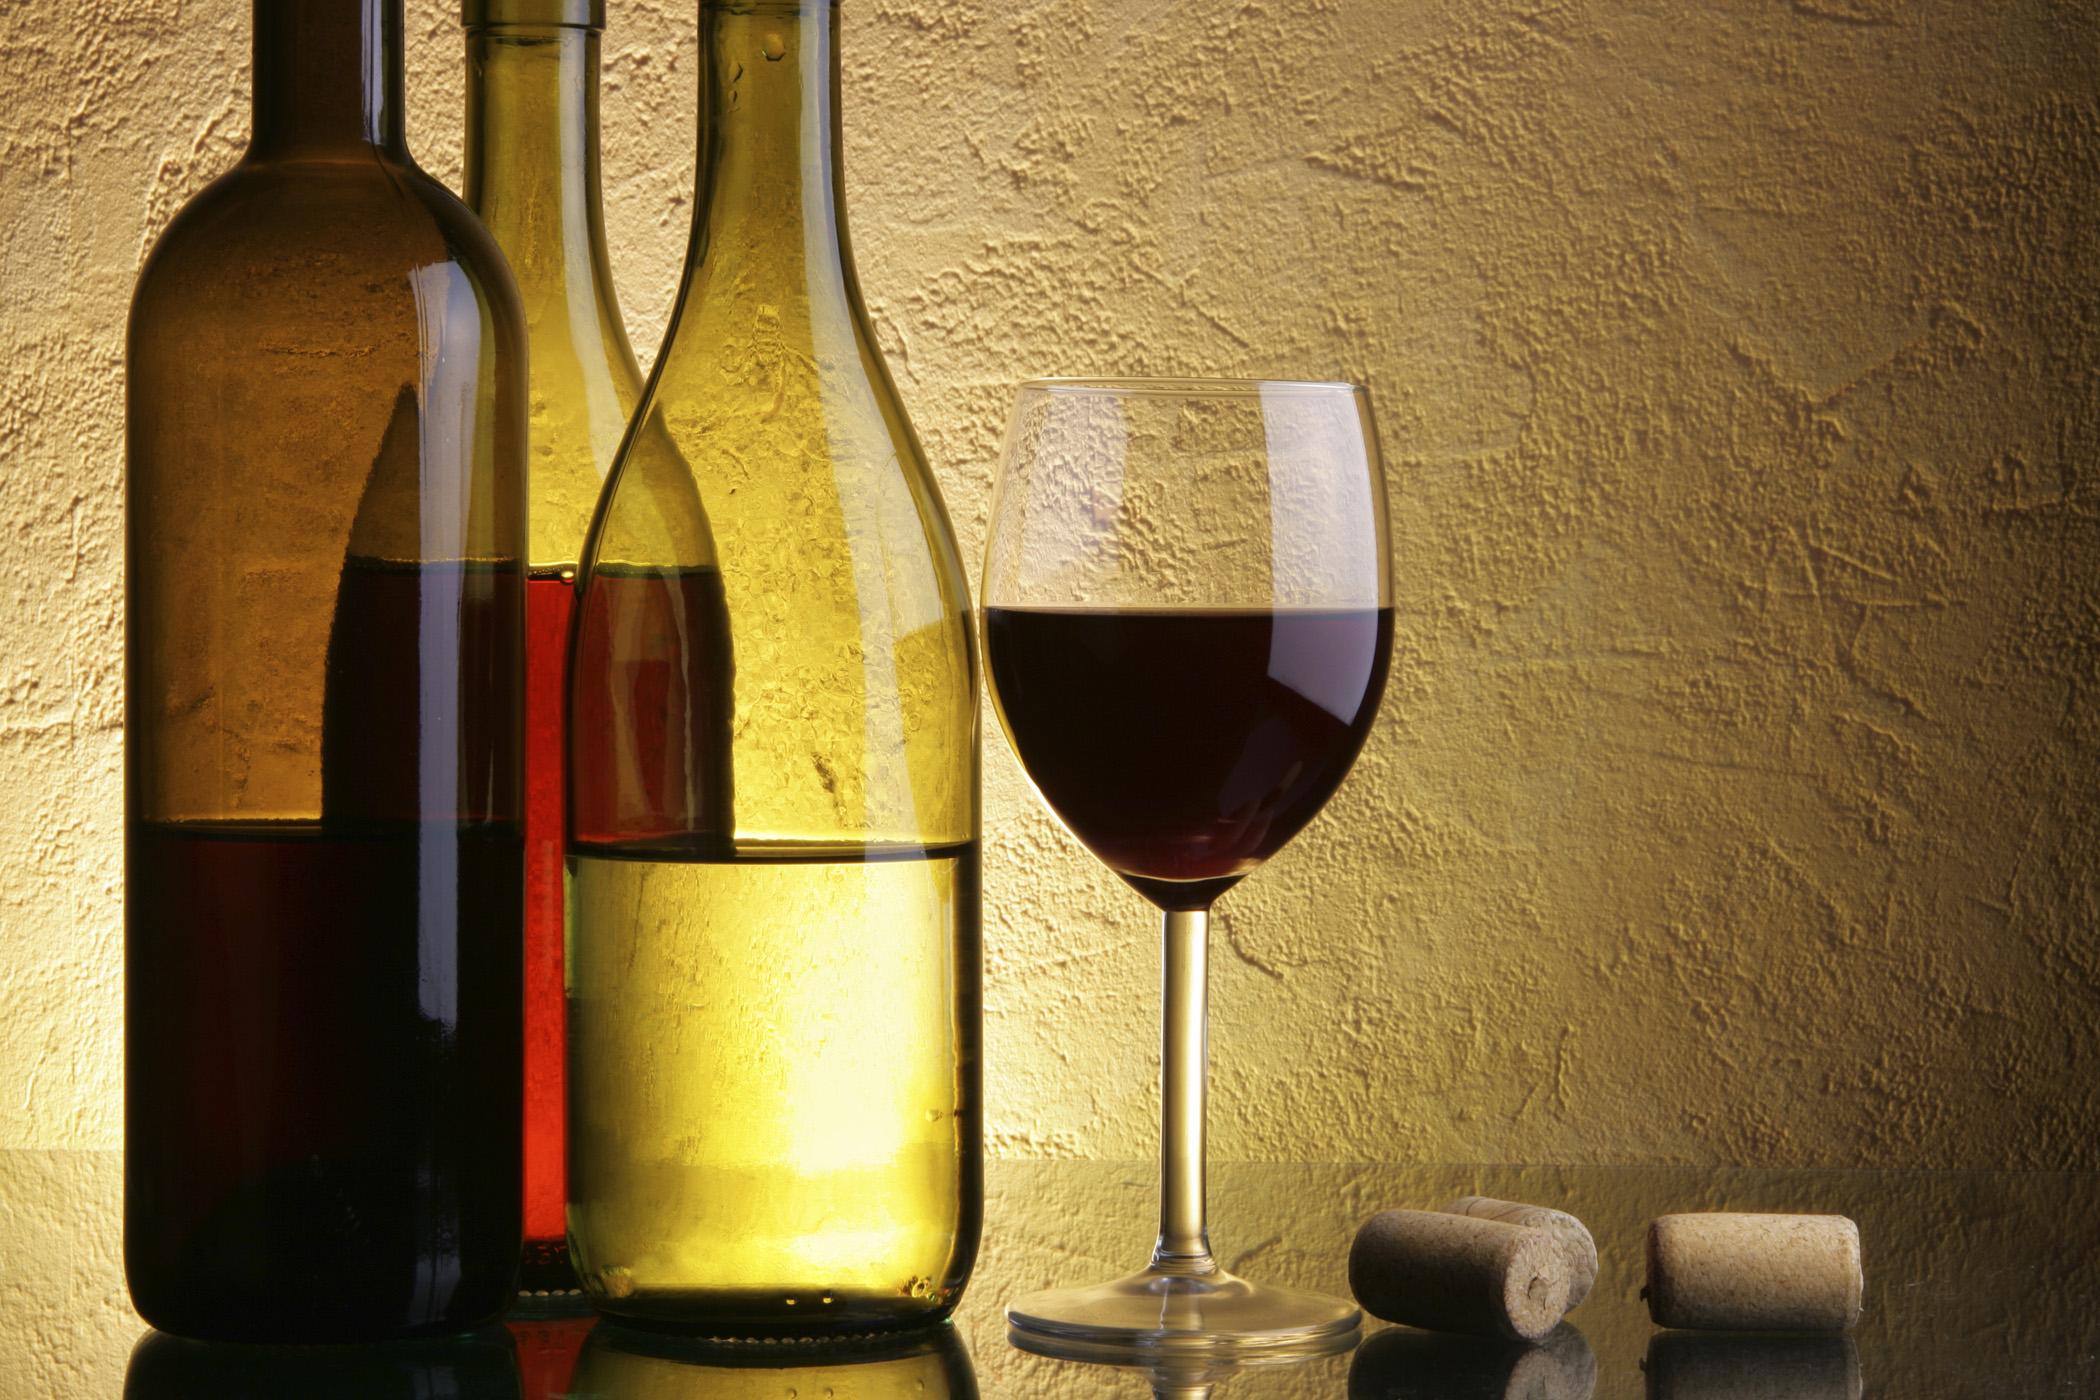 vino_personalidad_tinto_rosado_blanco